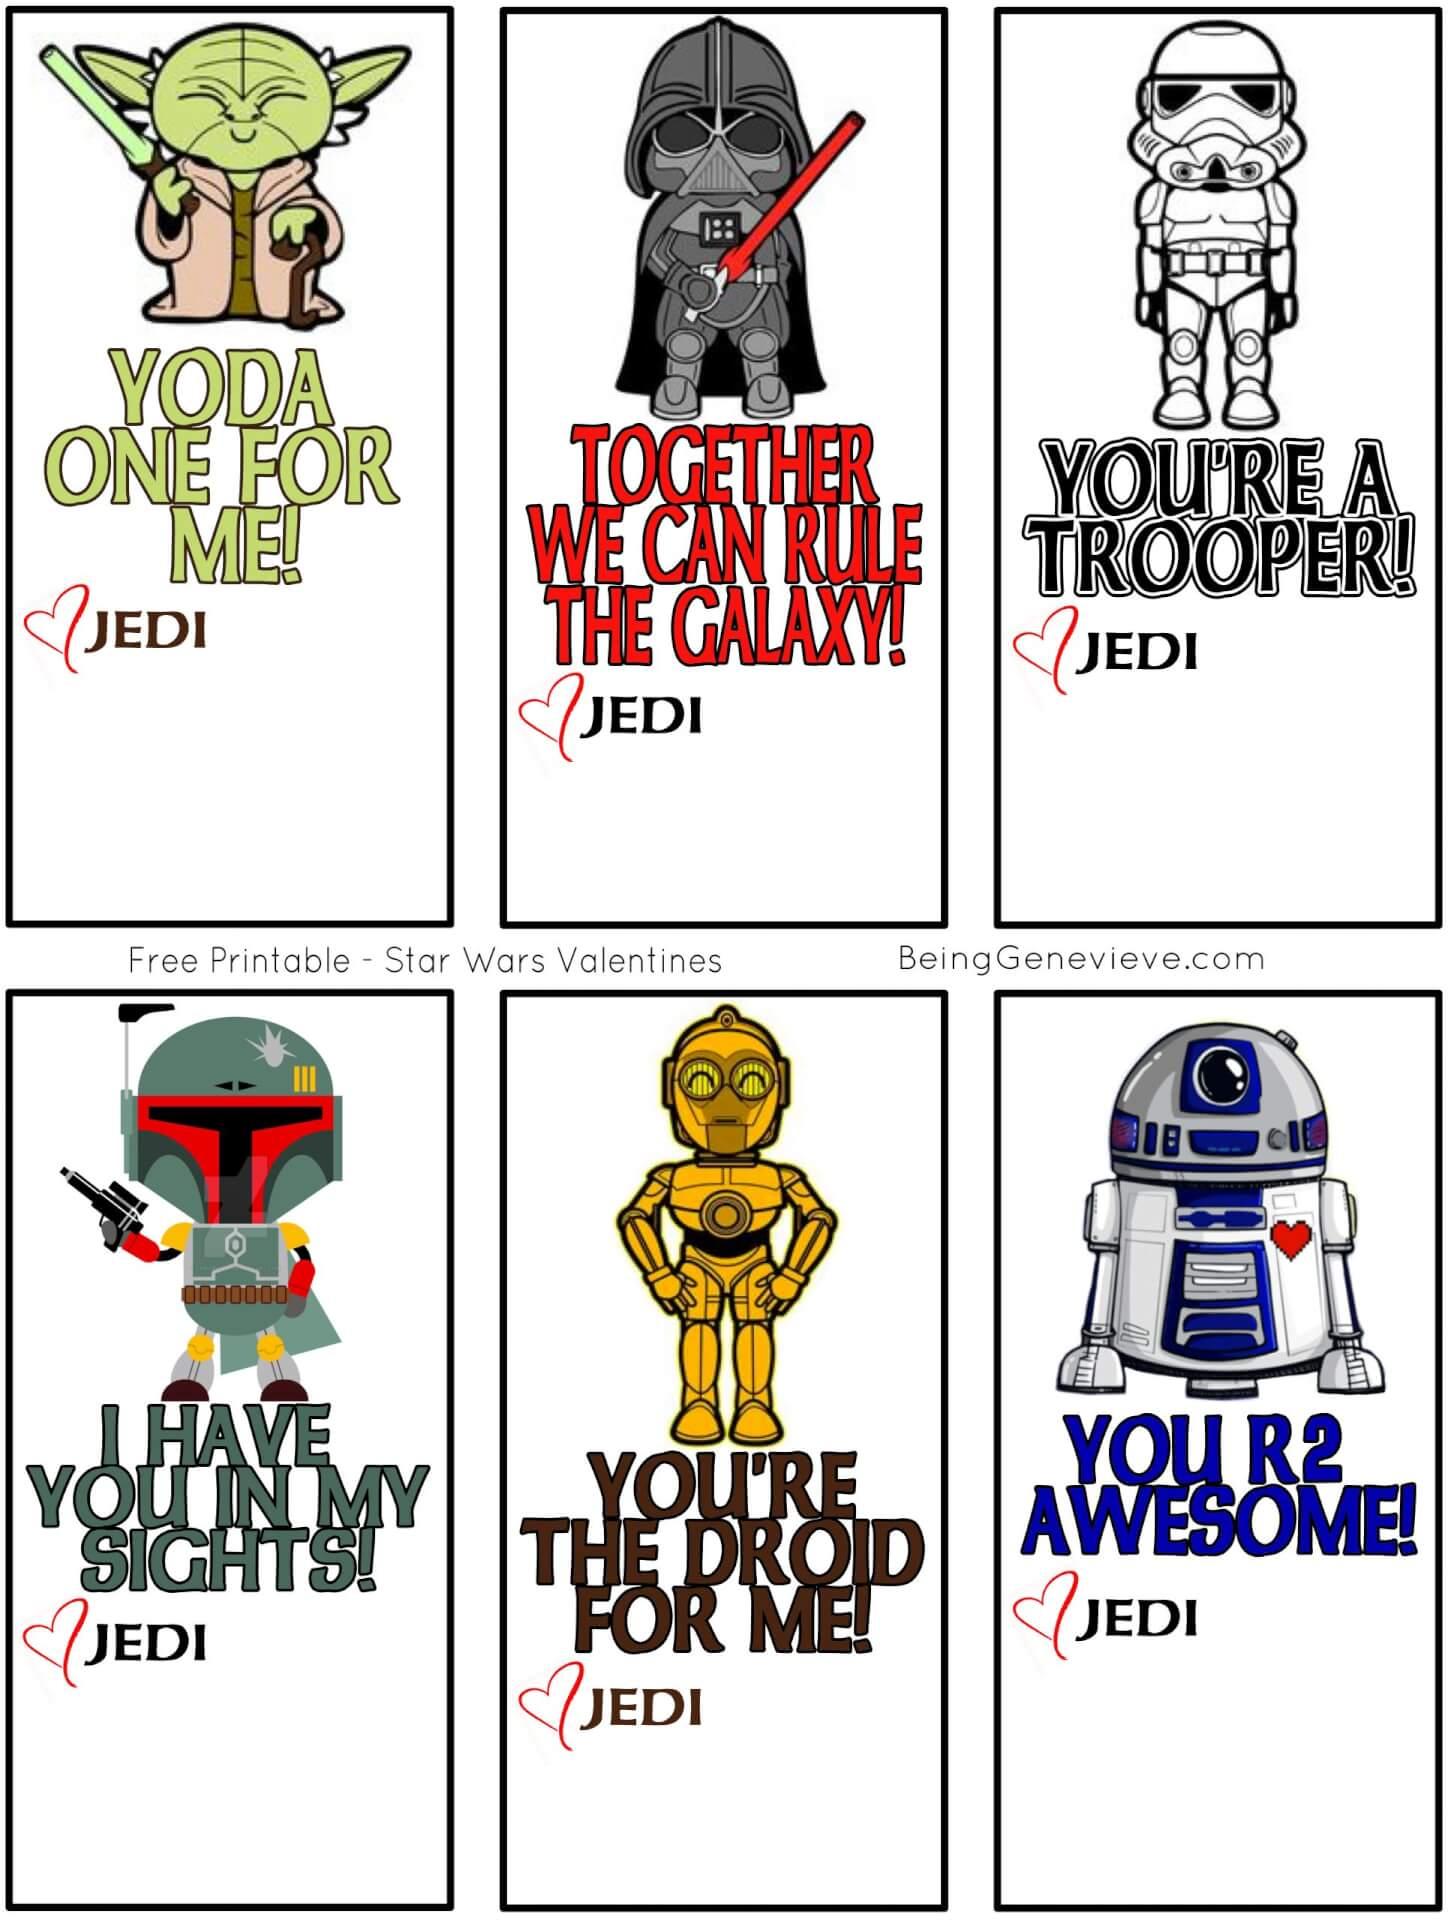 Free Printable Star Wars Valentines